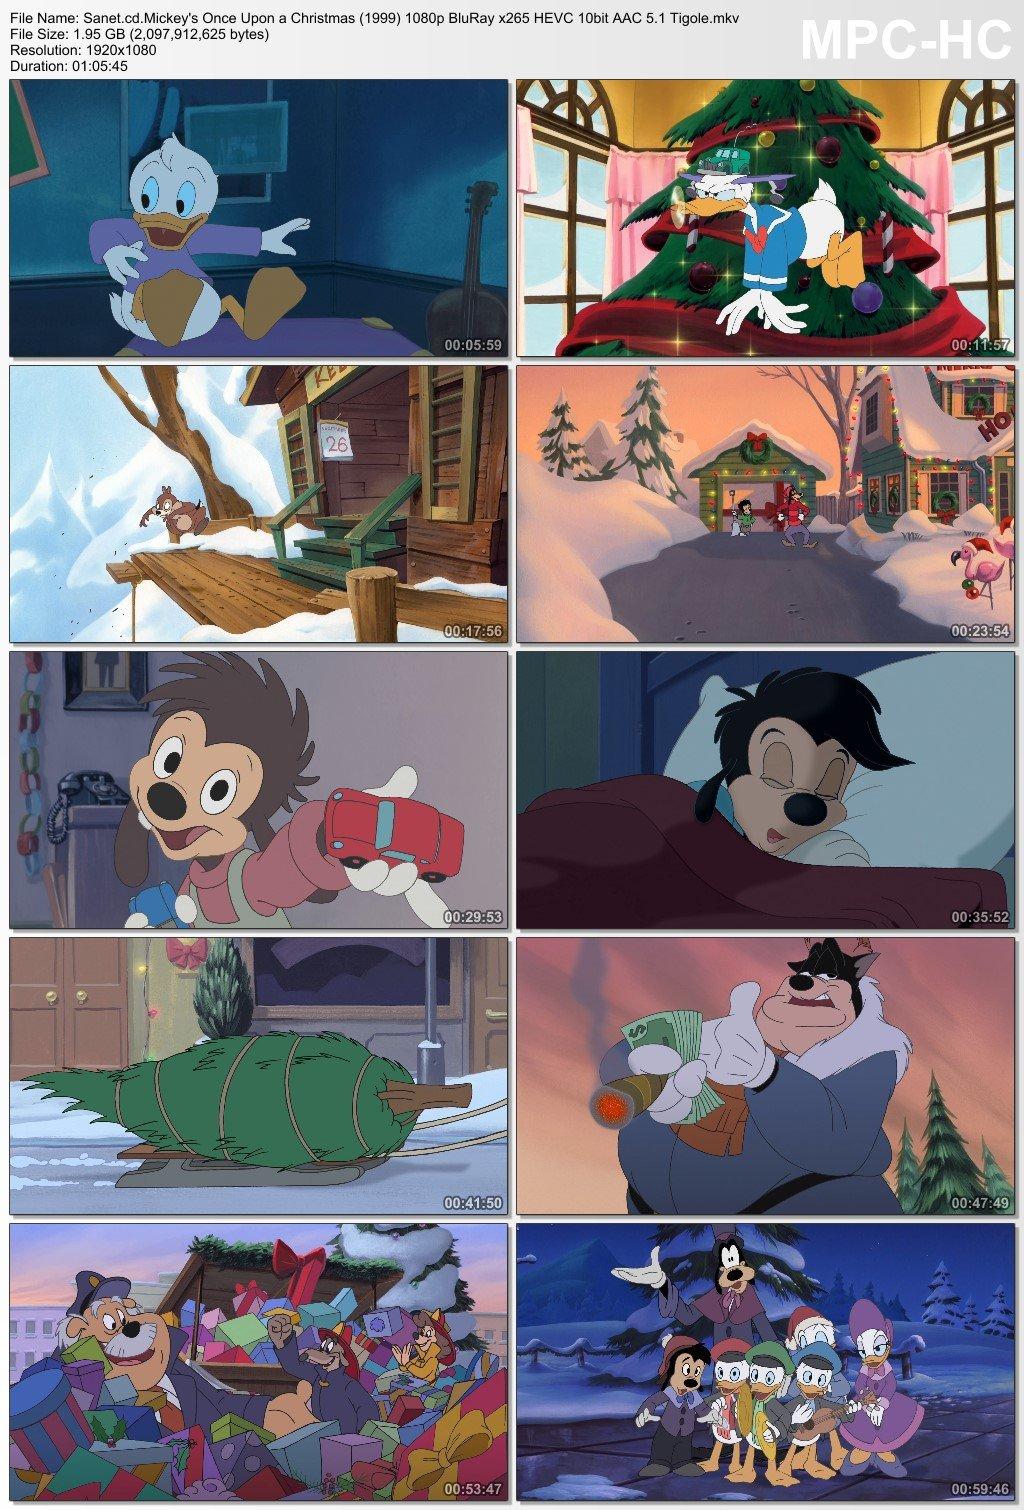 Christmas 1999 1080p BluRay x265 HEVC